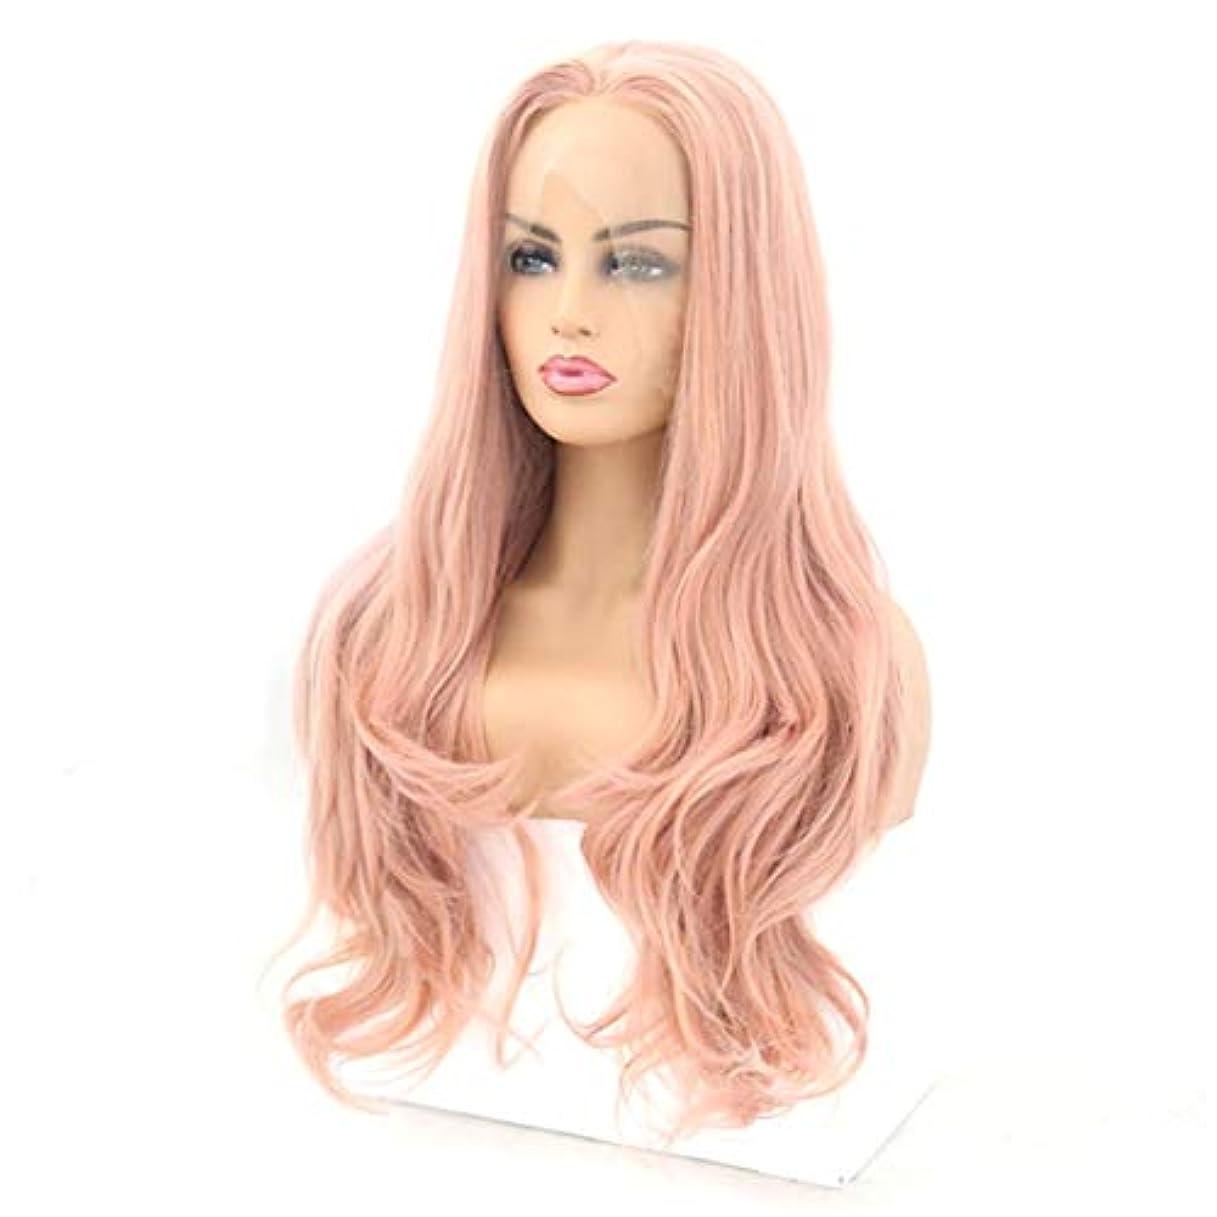 戸惑うターゲットメタルラインKerwinner フロントレースかつら長い巻き毛のかつら合成のカラフルなコスプレ日常パーティーかつら本物の髪として自然な女性のためのかつら